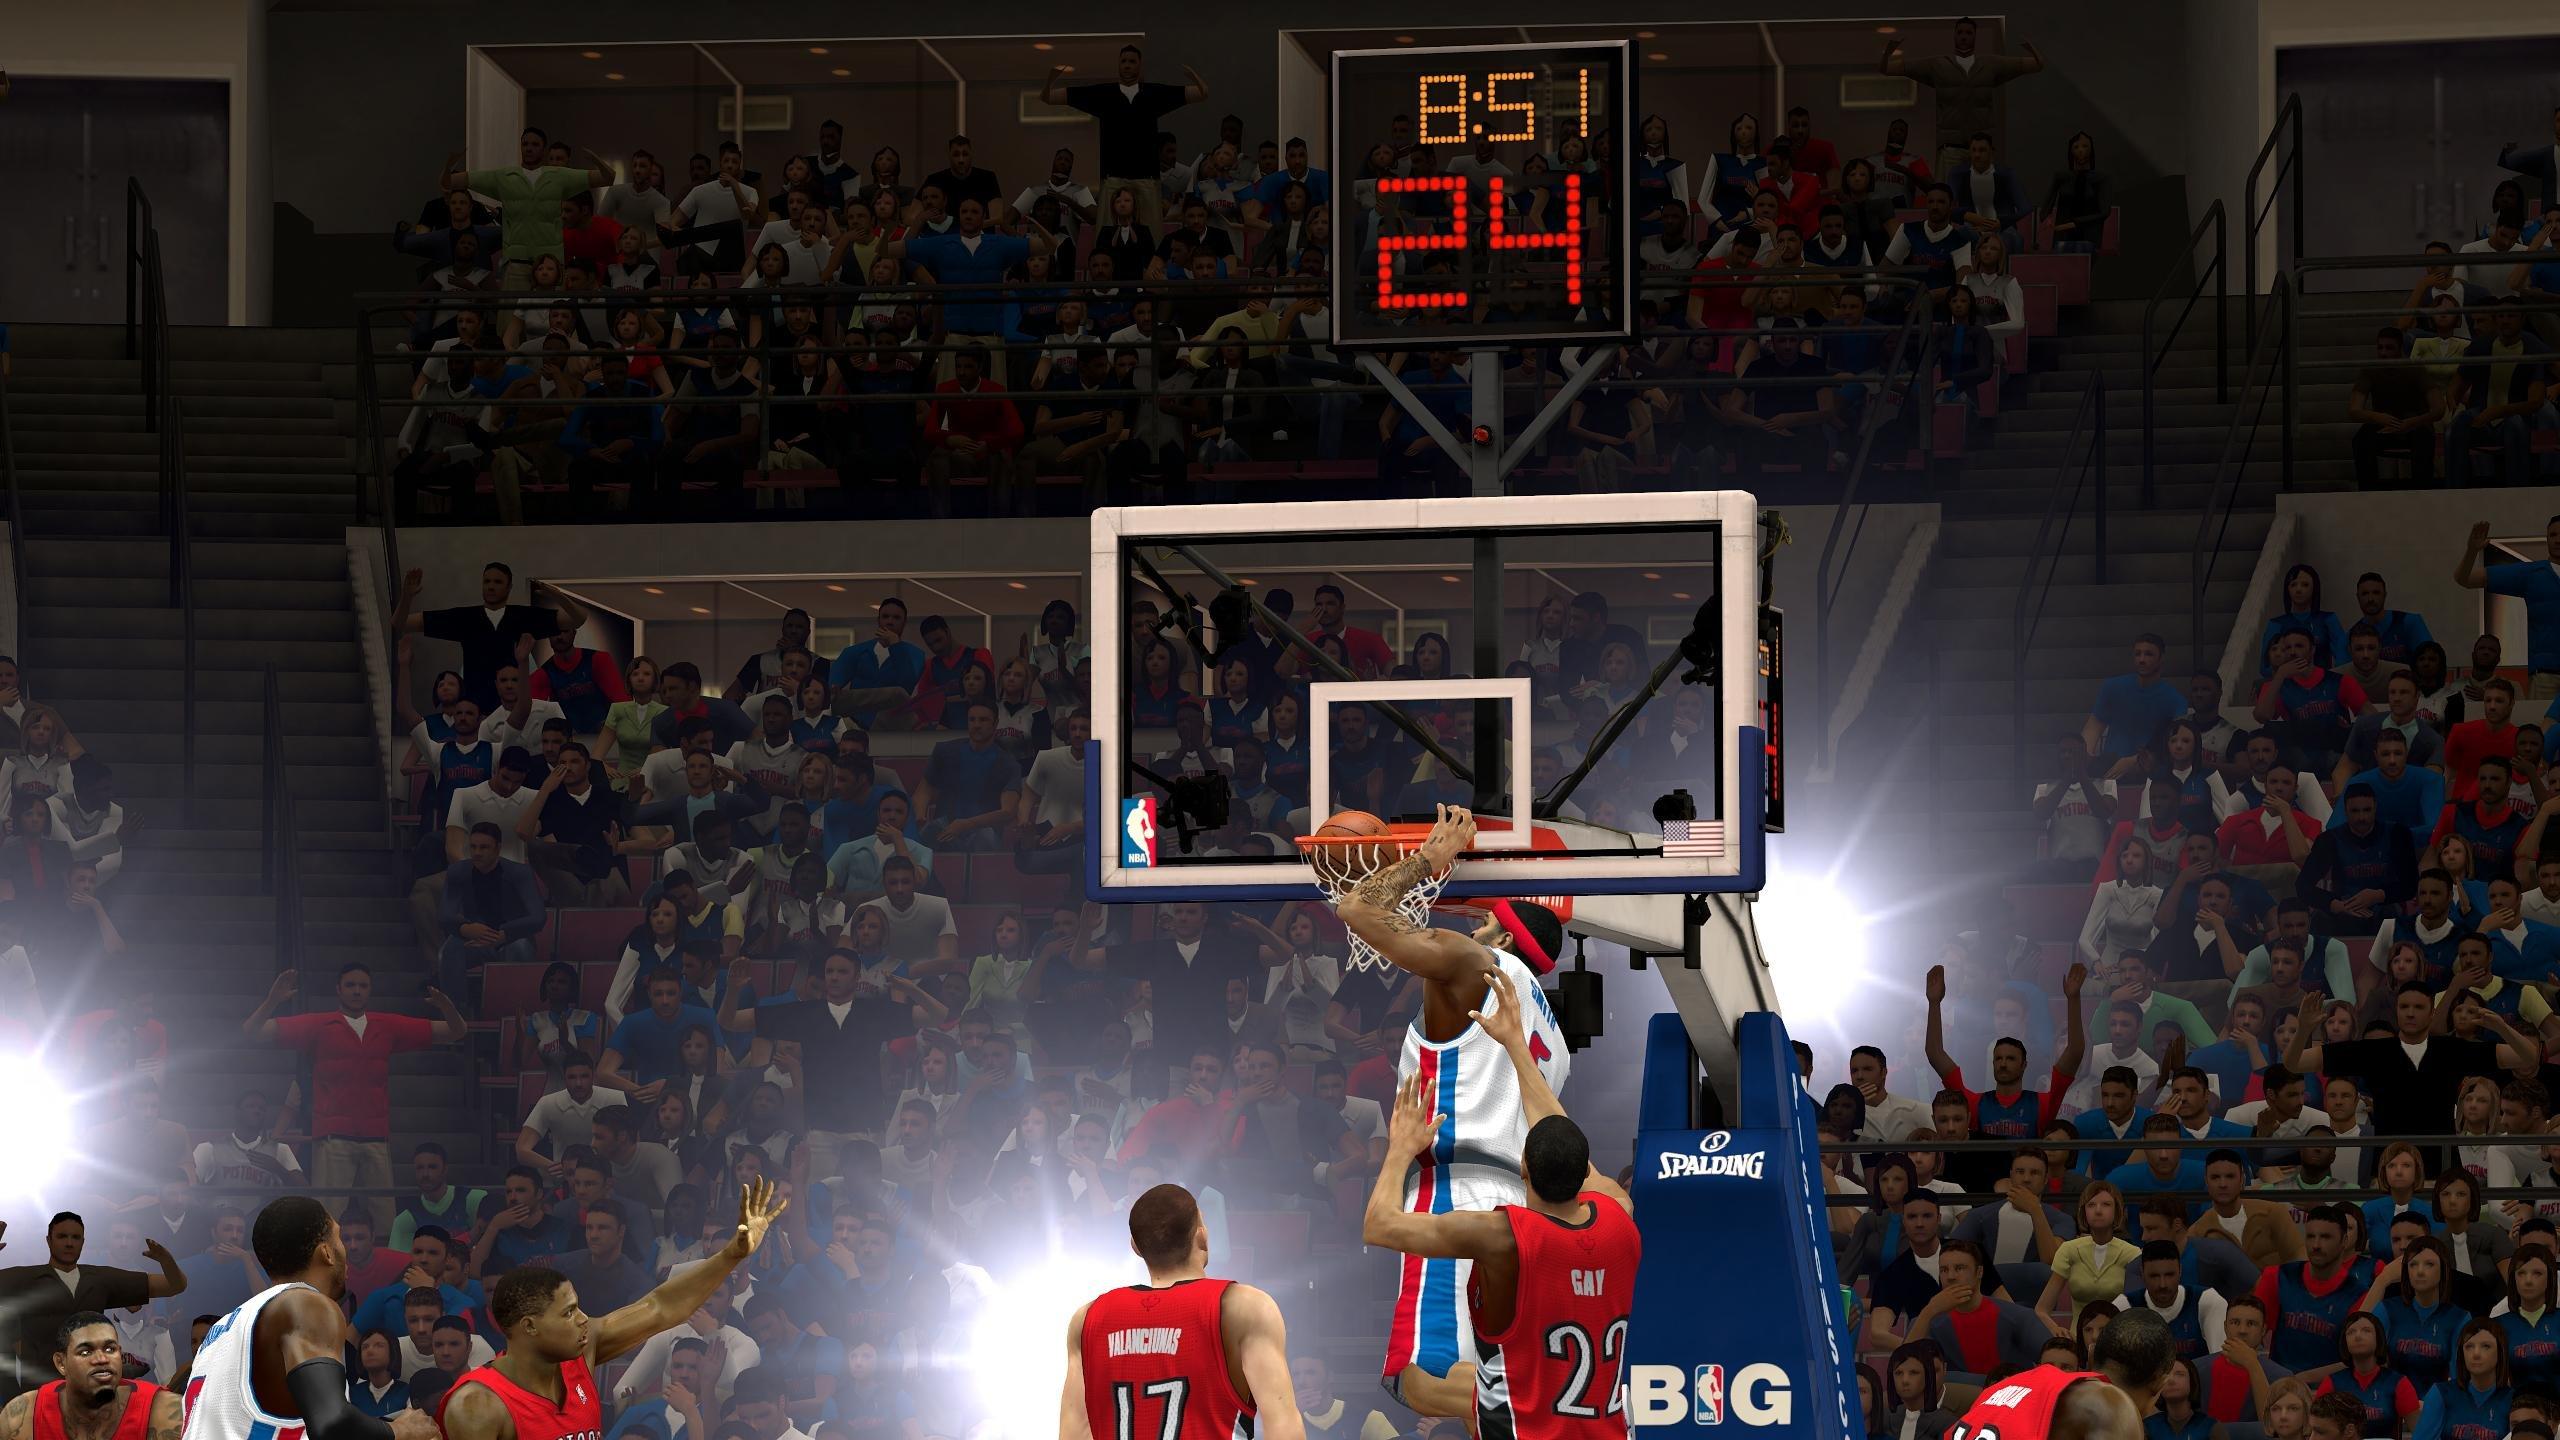 Nba 2k14 Basketball Sports Action Wallpaper 2560x1440 606371 Wallpaperup